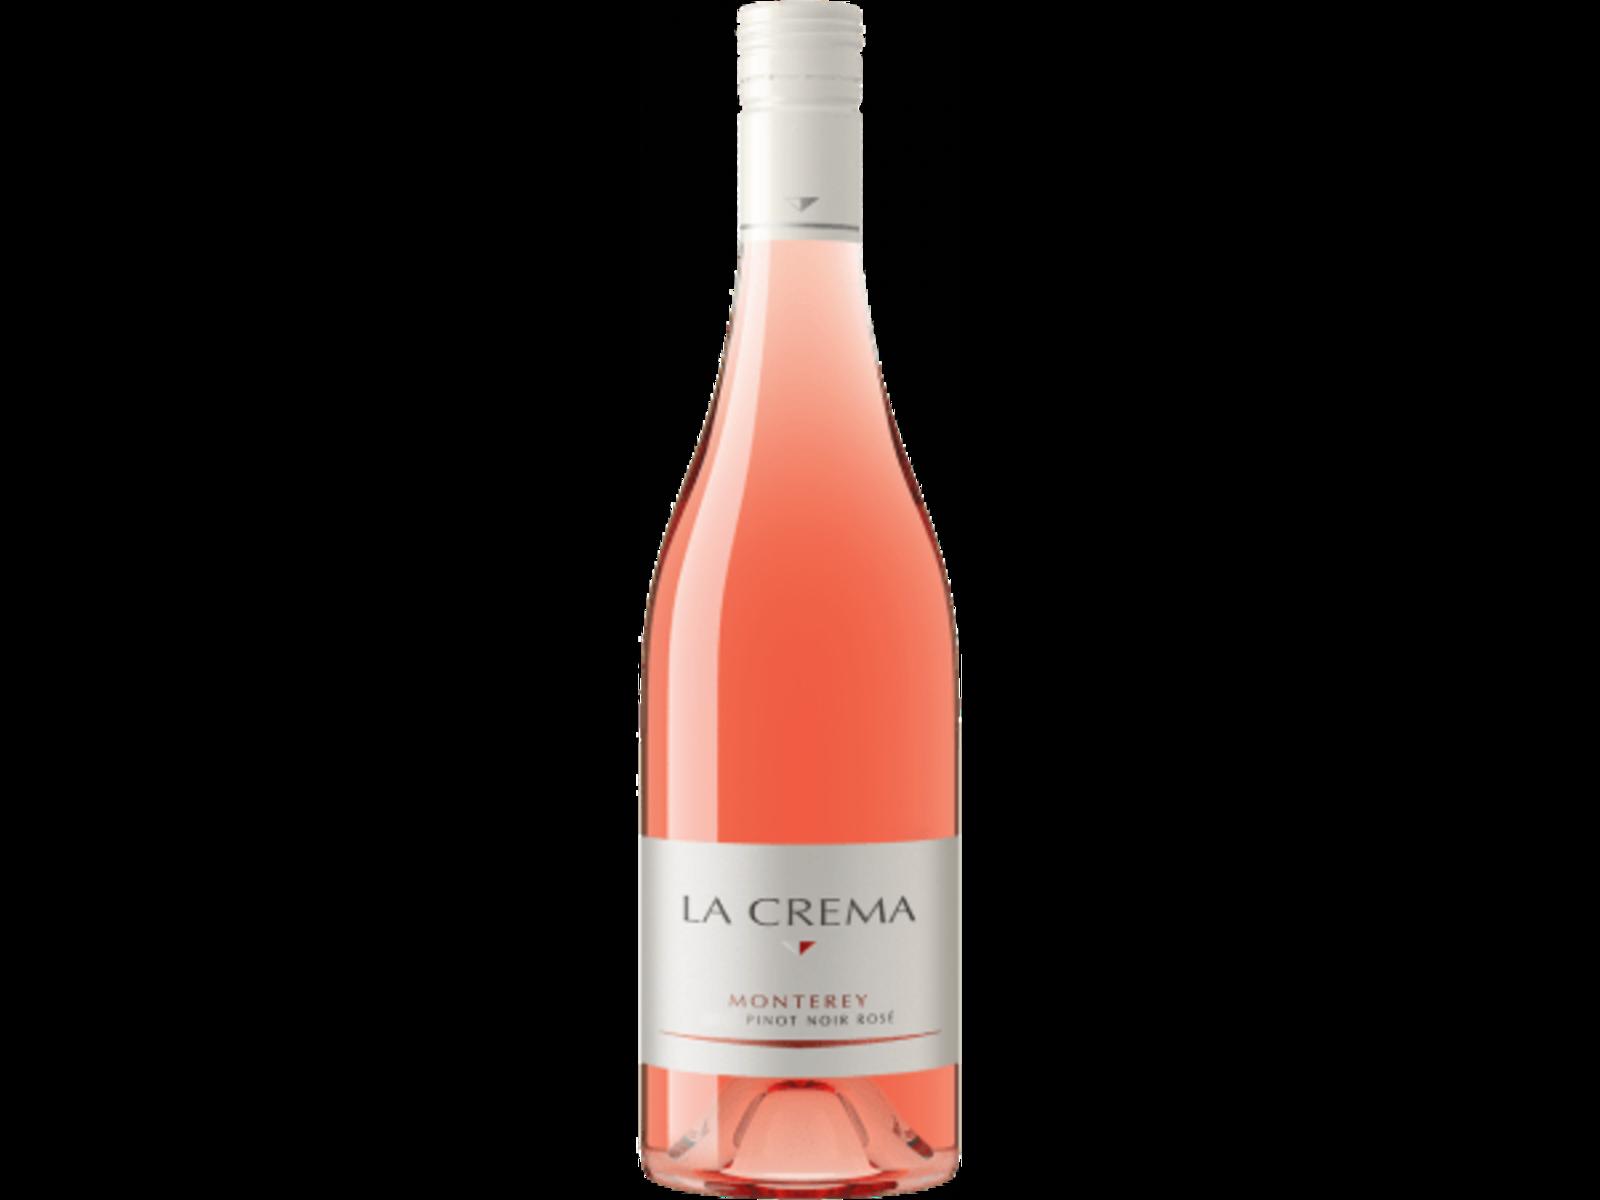 La Crema Winery La Crema / Monterey / Pinot Noir Rosé